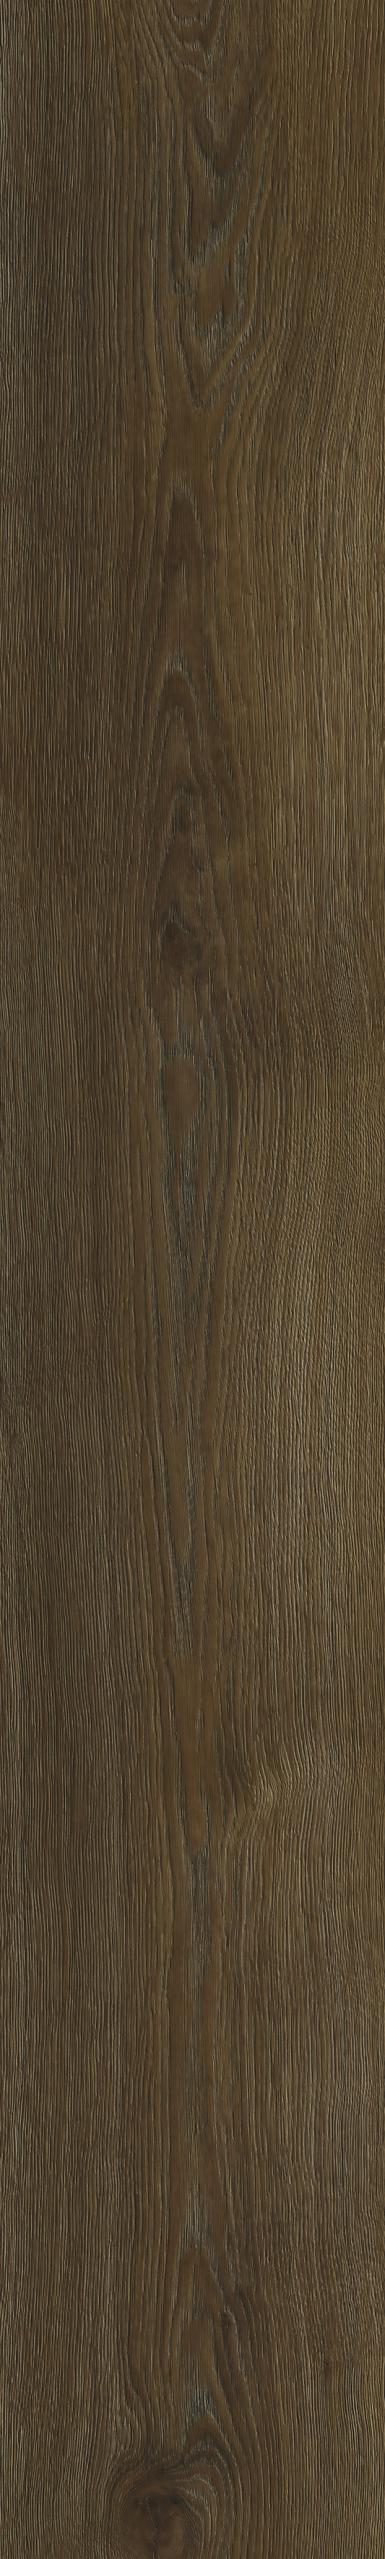 Līmējamā vinila grīda Moduleo Transform Sherman Oak 22841